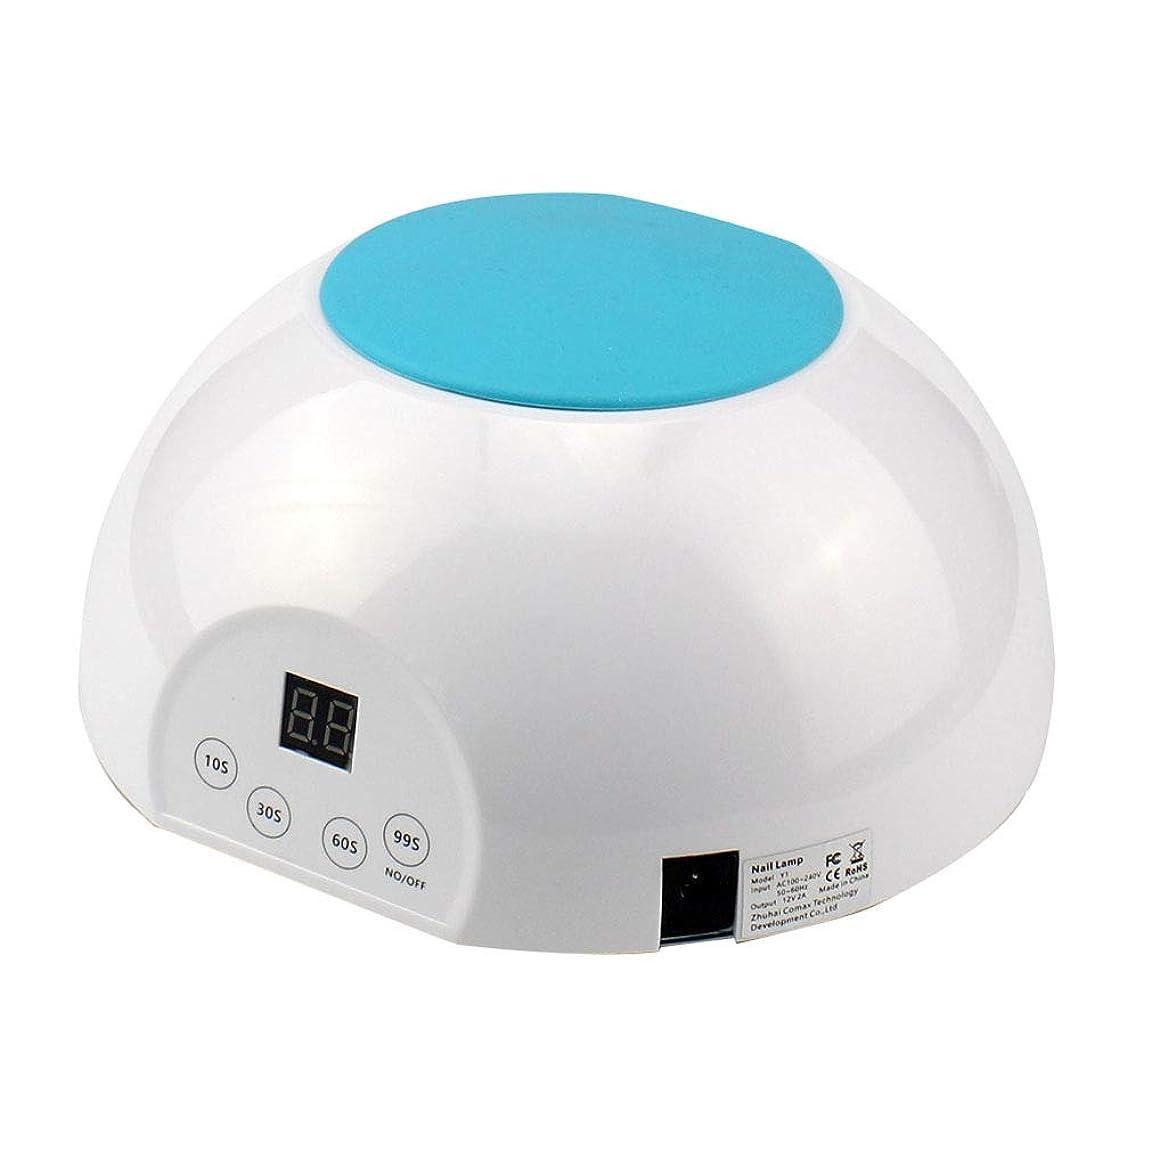 デッド怖がらせる未使用36W UV LEDランプネイルドライヤー、ジェルネイルポリッシュシェラック、取り外し可能な磁性プレート、30秒/ 60秒時間設定、99秒低熱